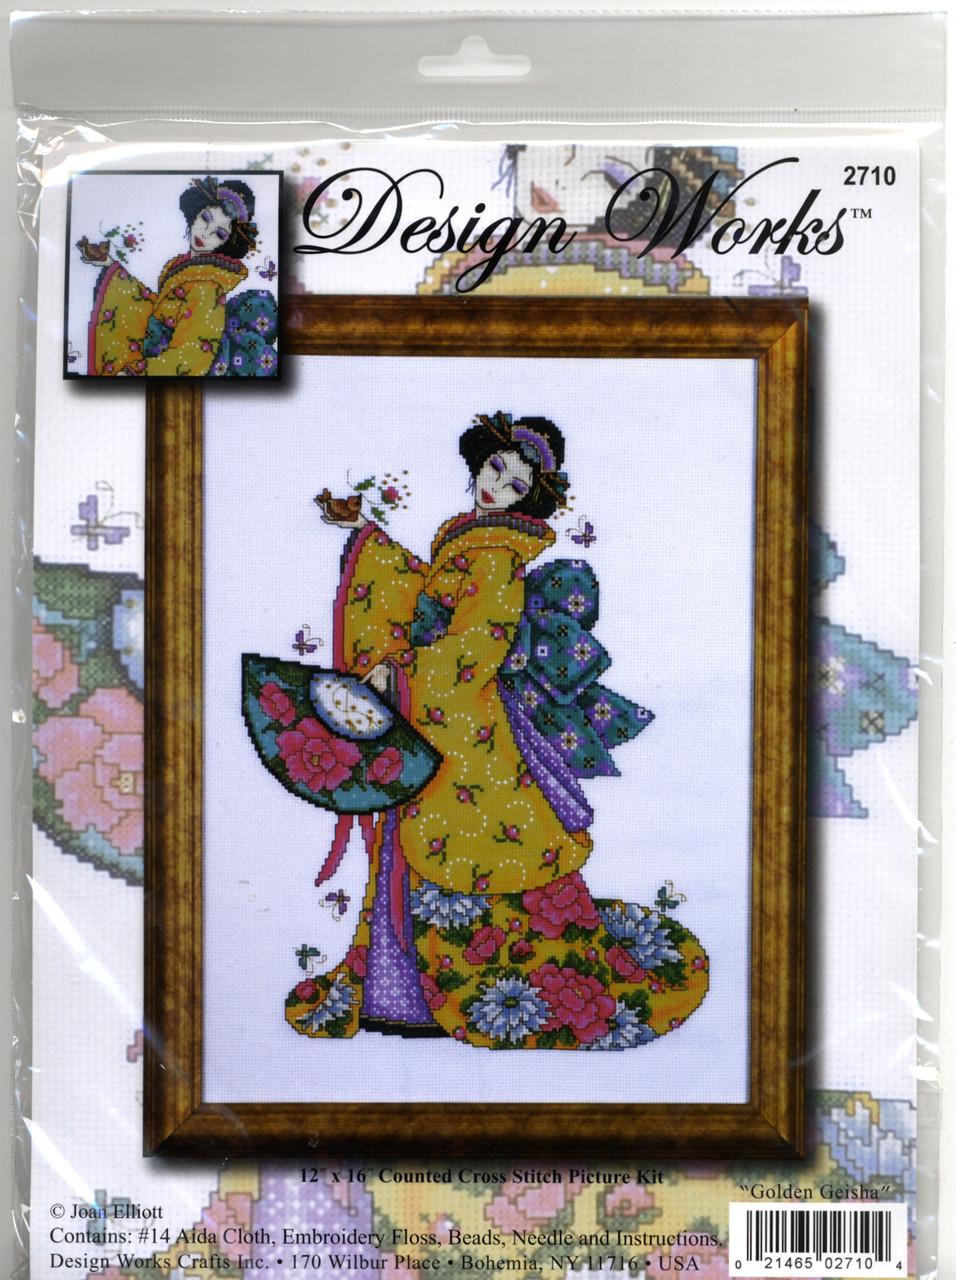 Design Works - Golden Geisha